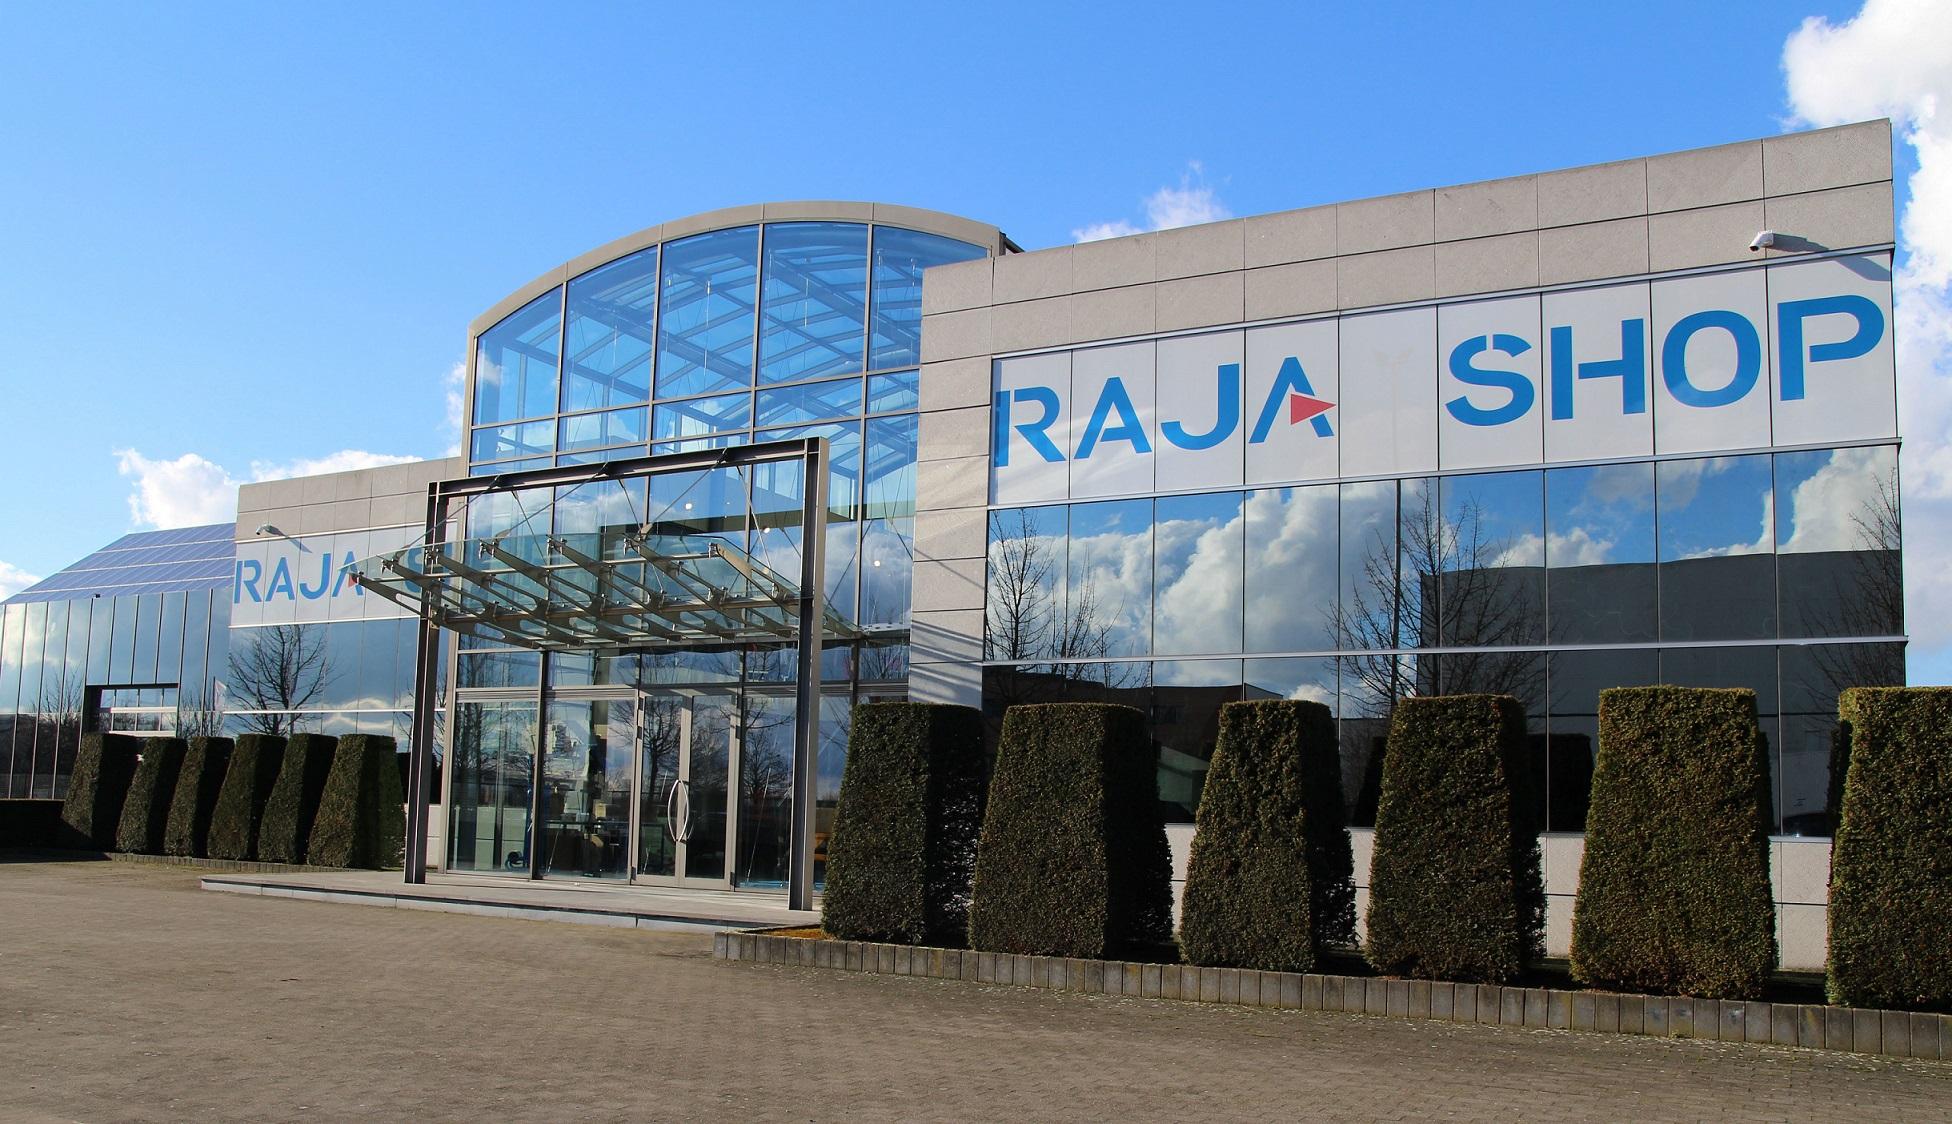 Rajashop, het eerste servicepunt van Rajapack in België